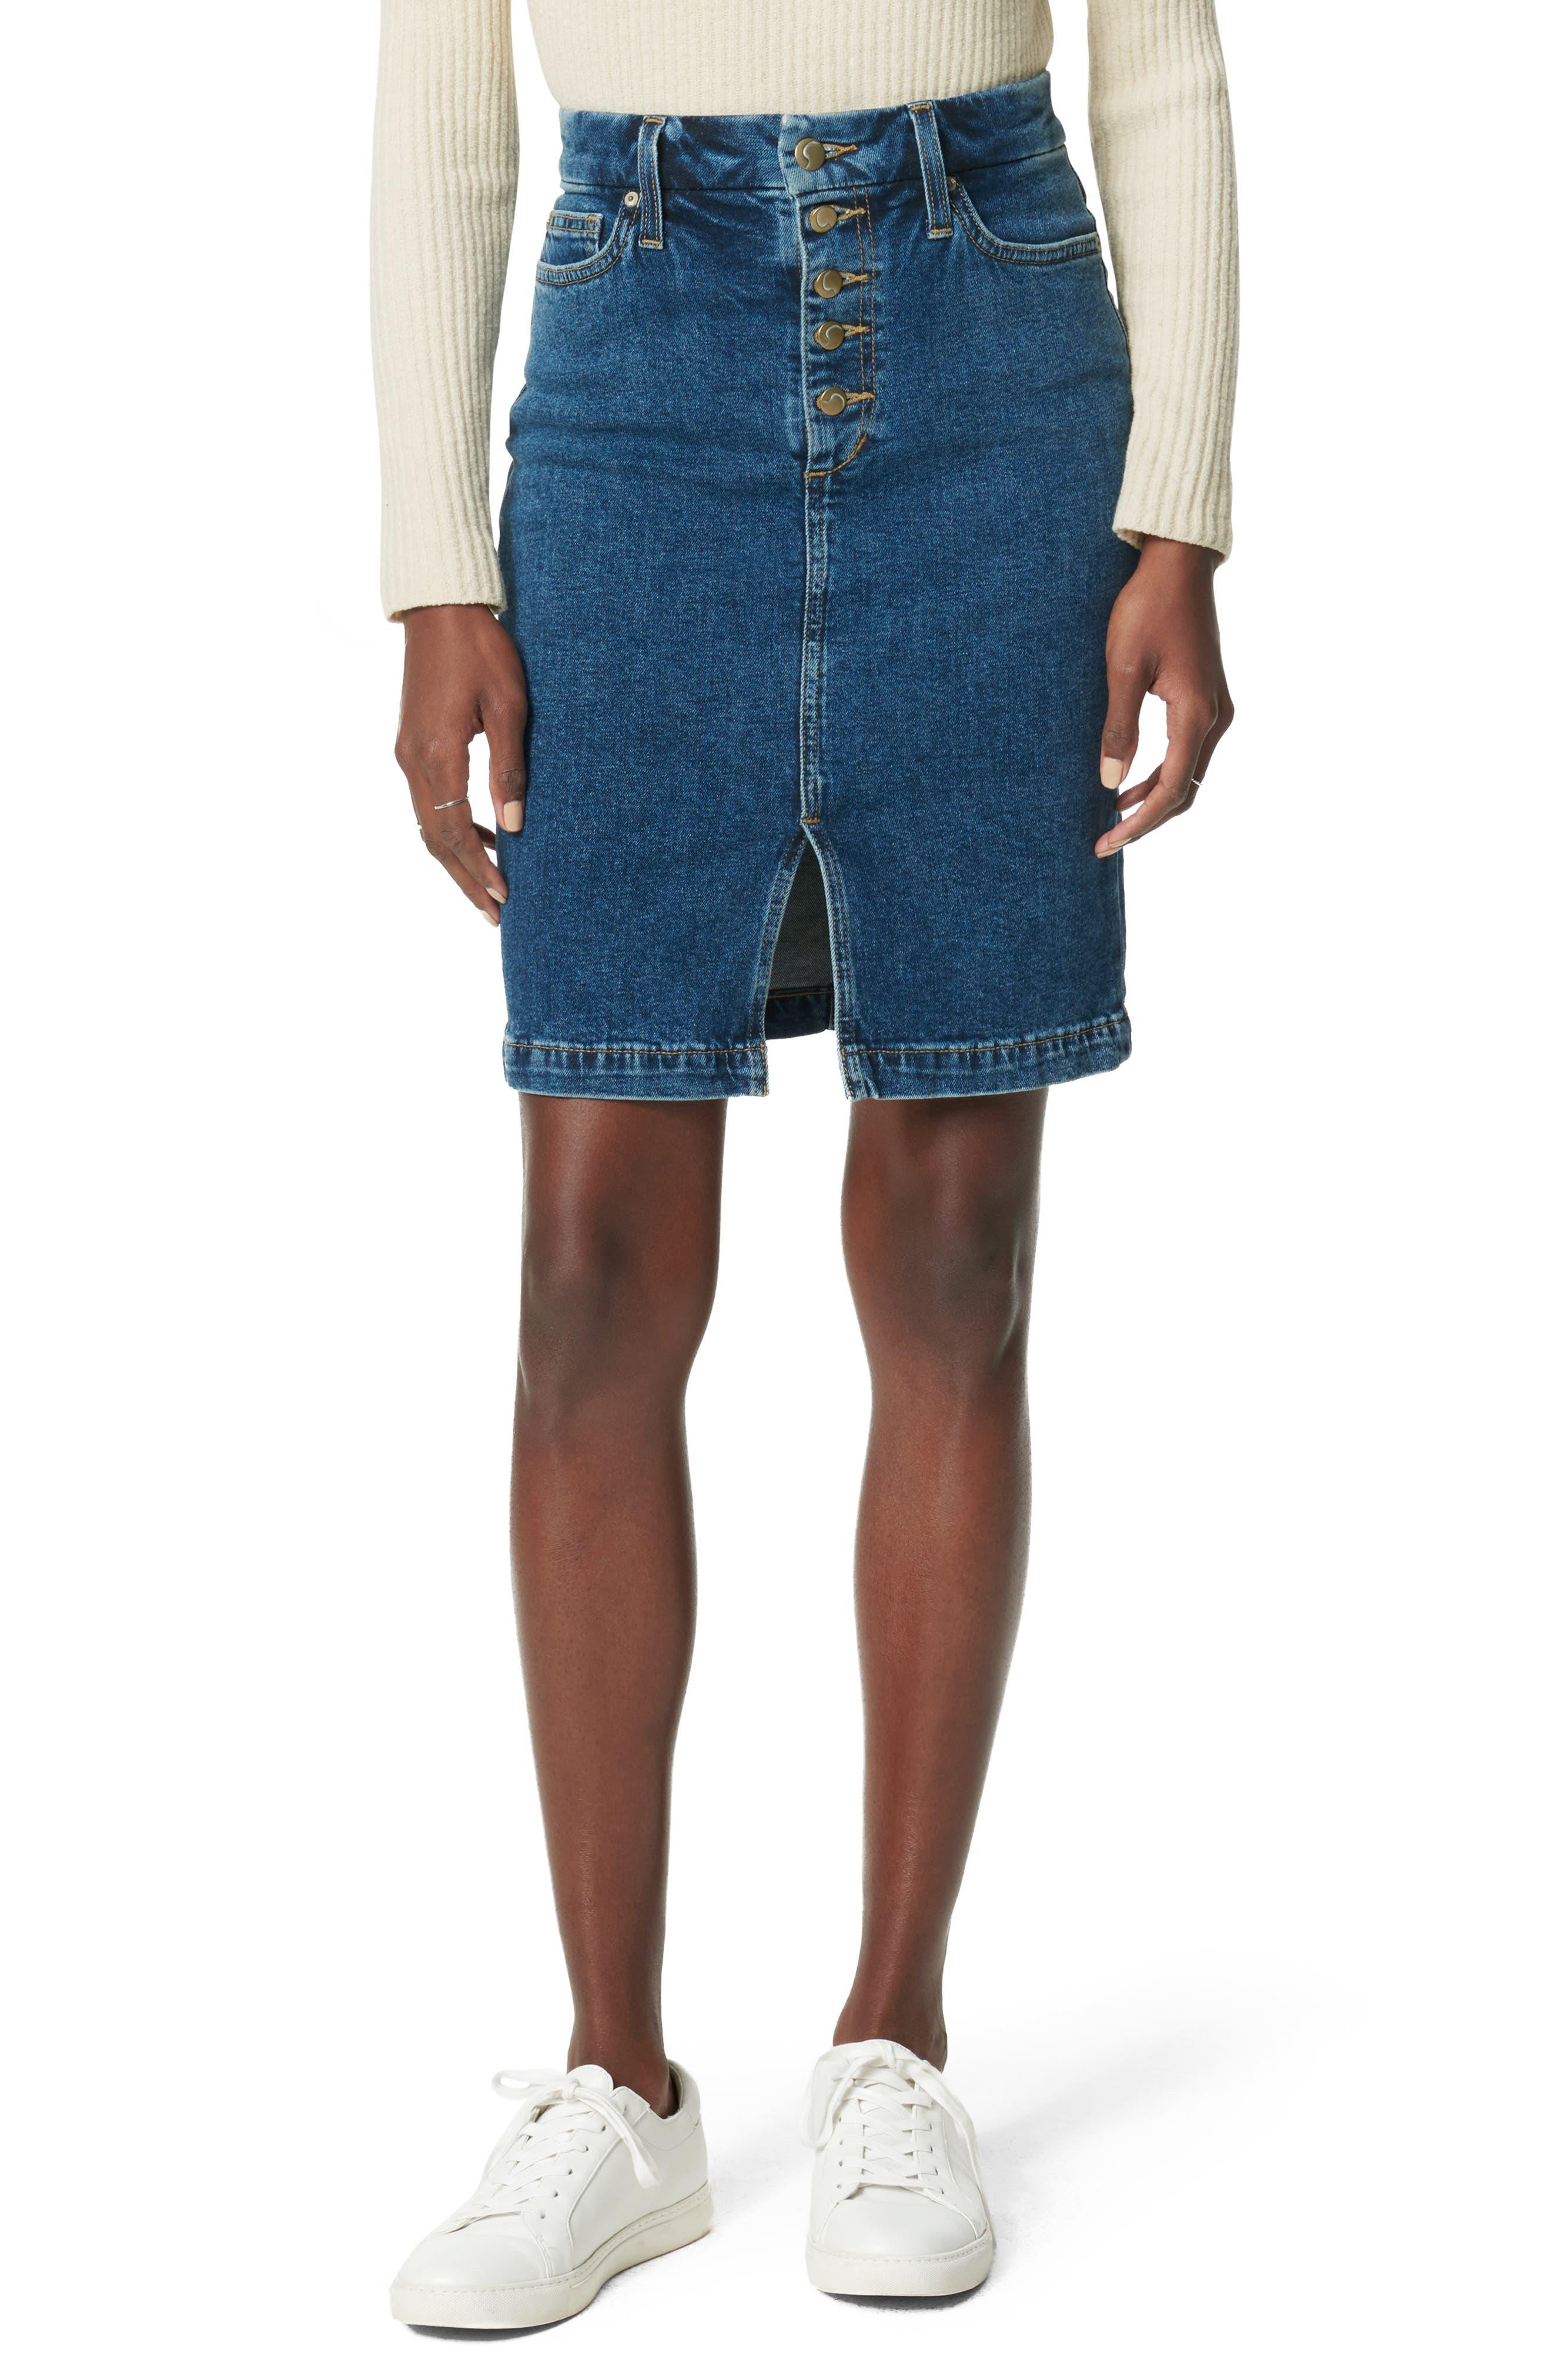 Joe's Skirts High Waist Denim Pencil Skirt